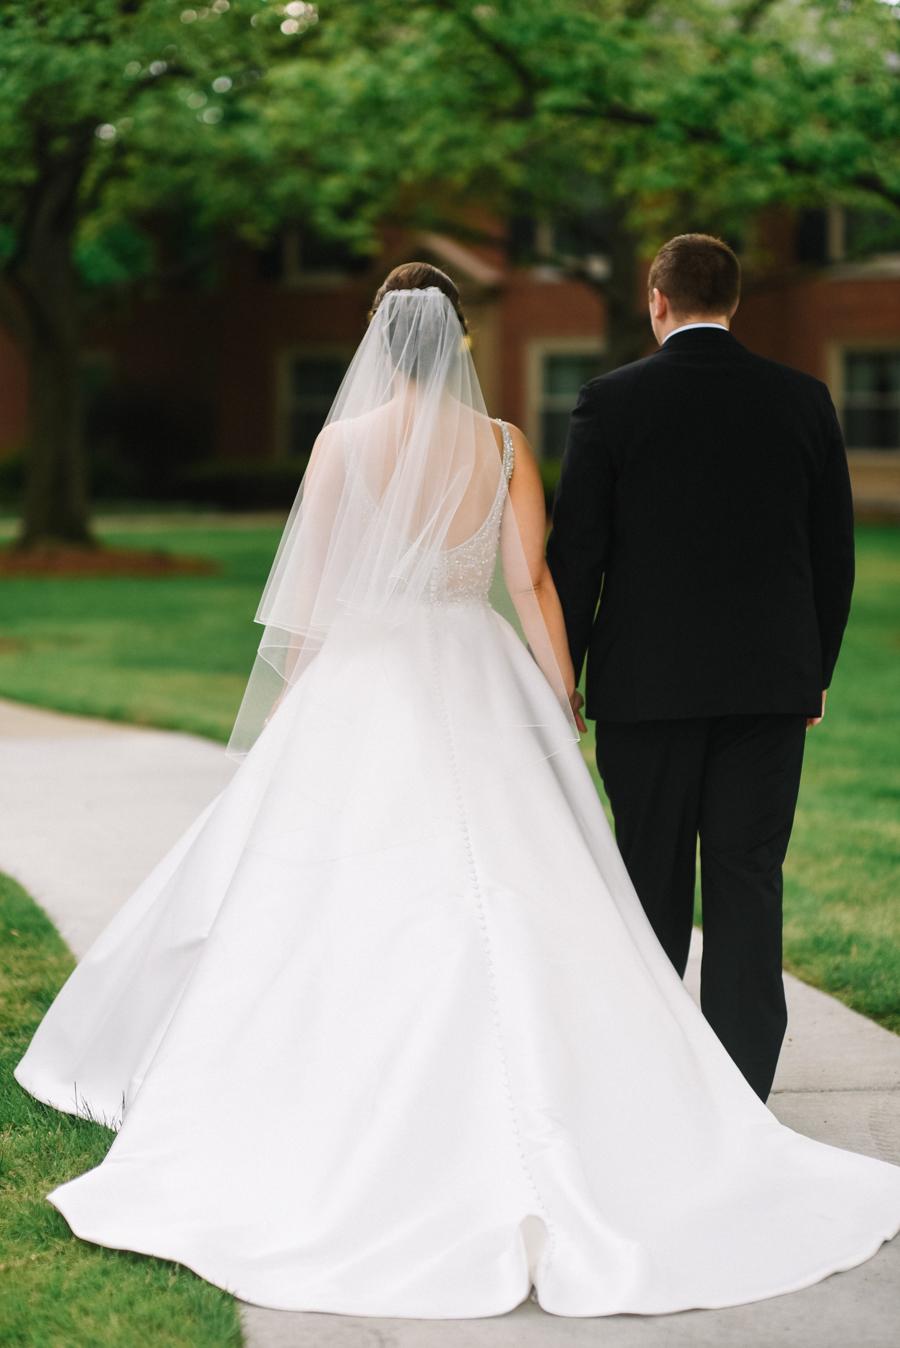 Dearborn_Inn_Wedding_Photos-49.jpg